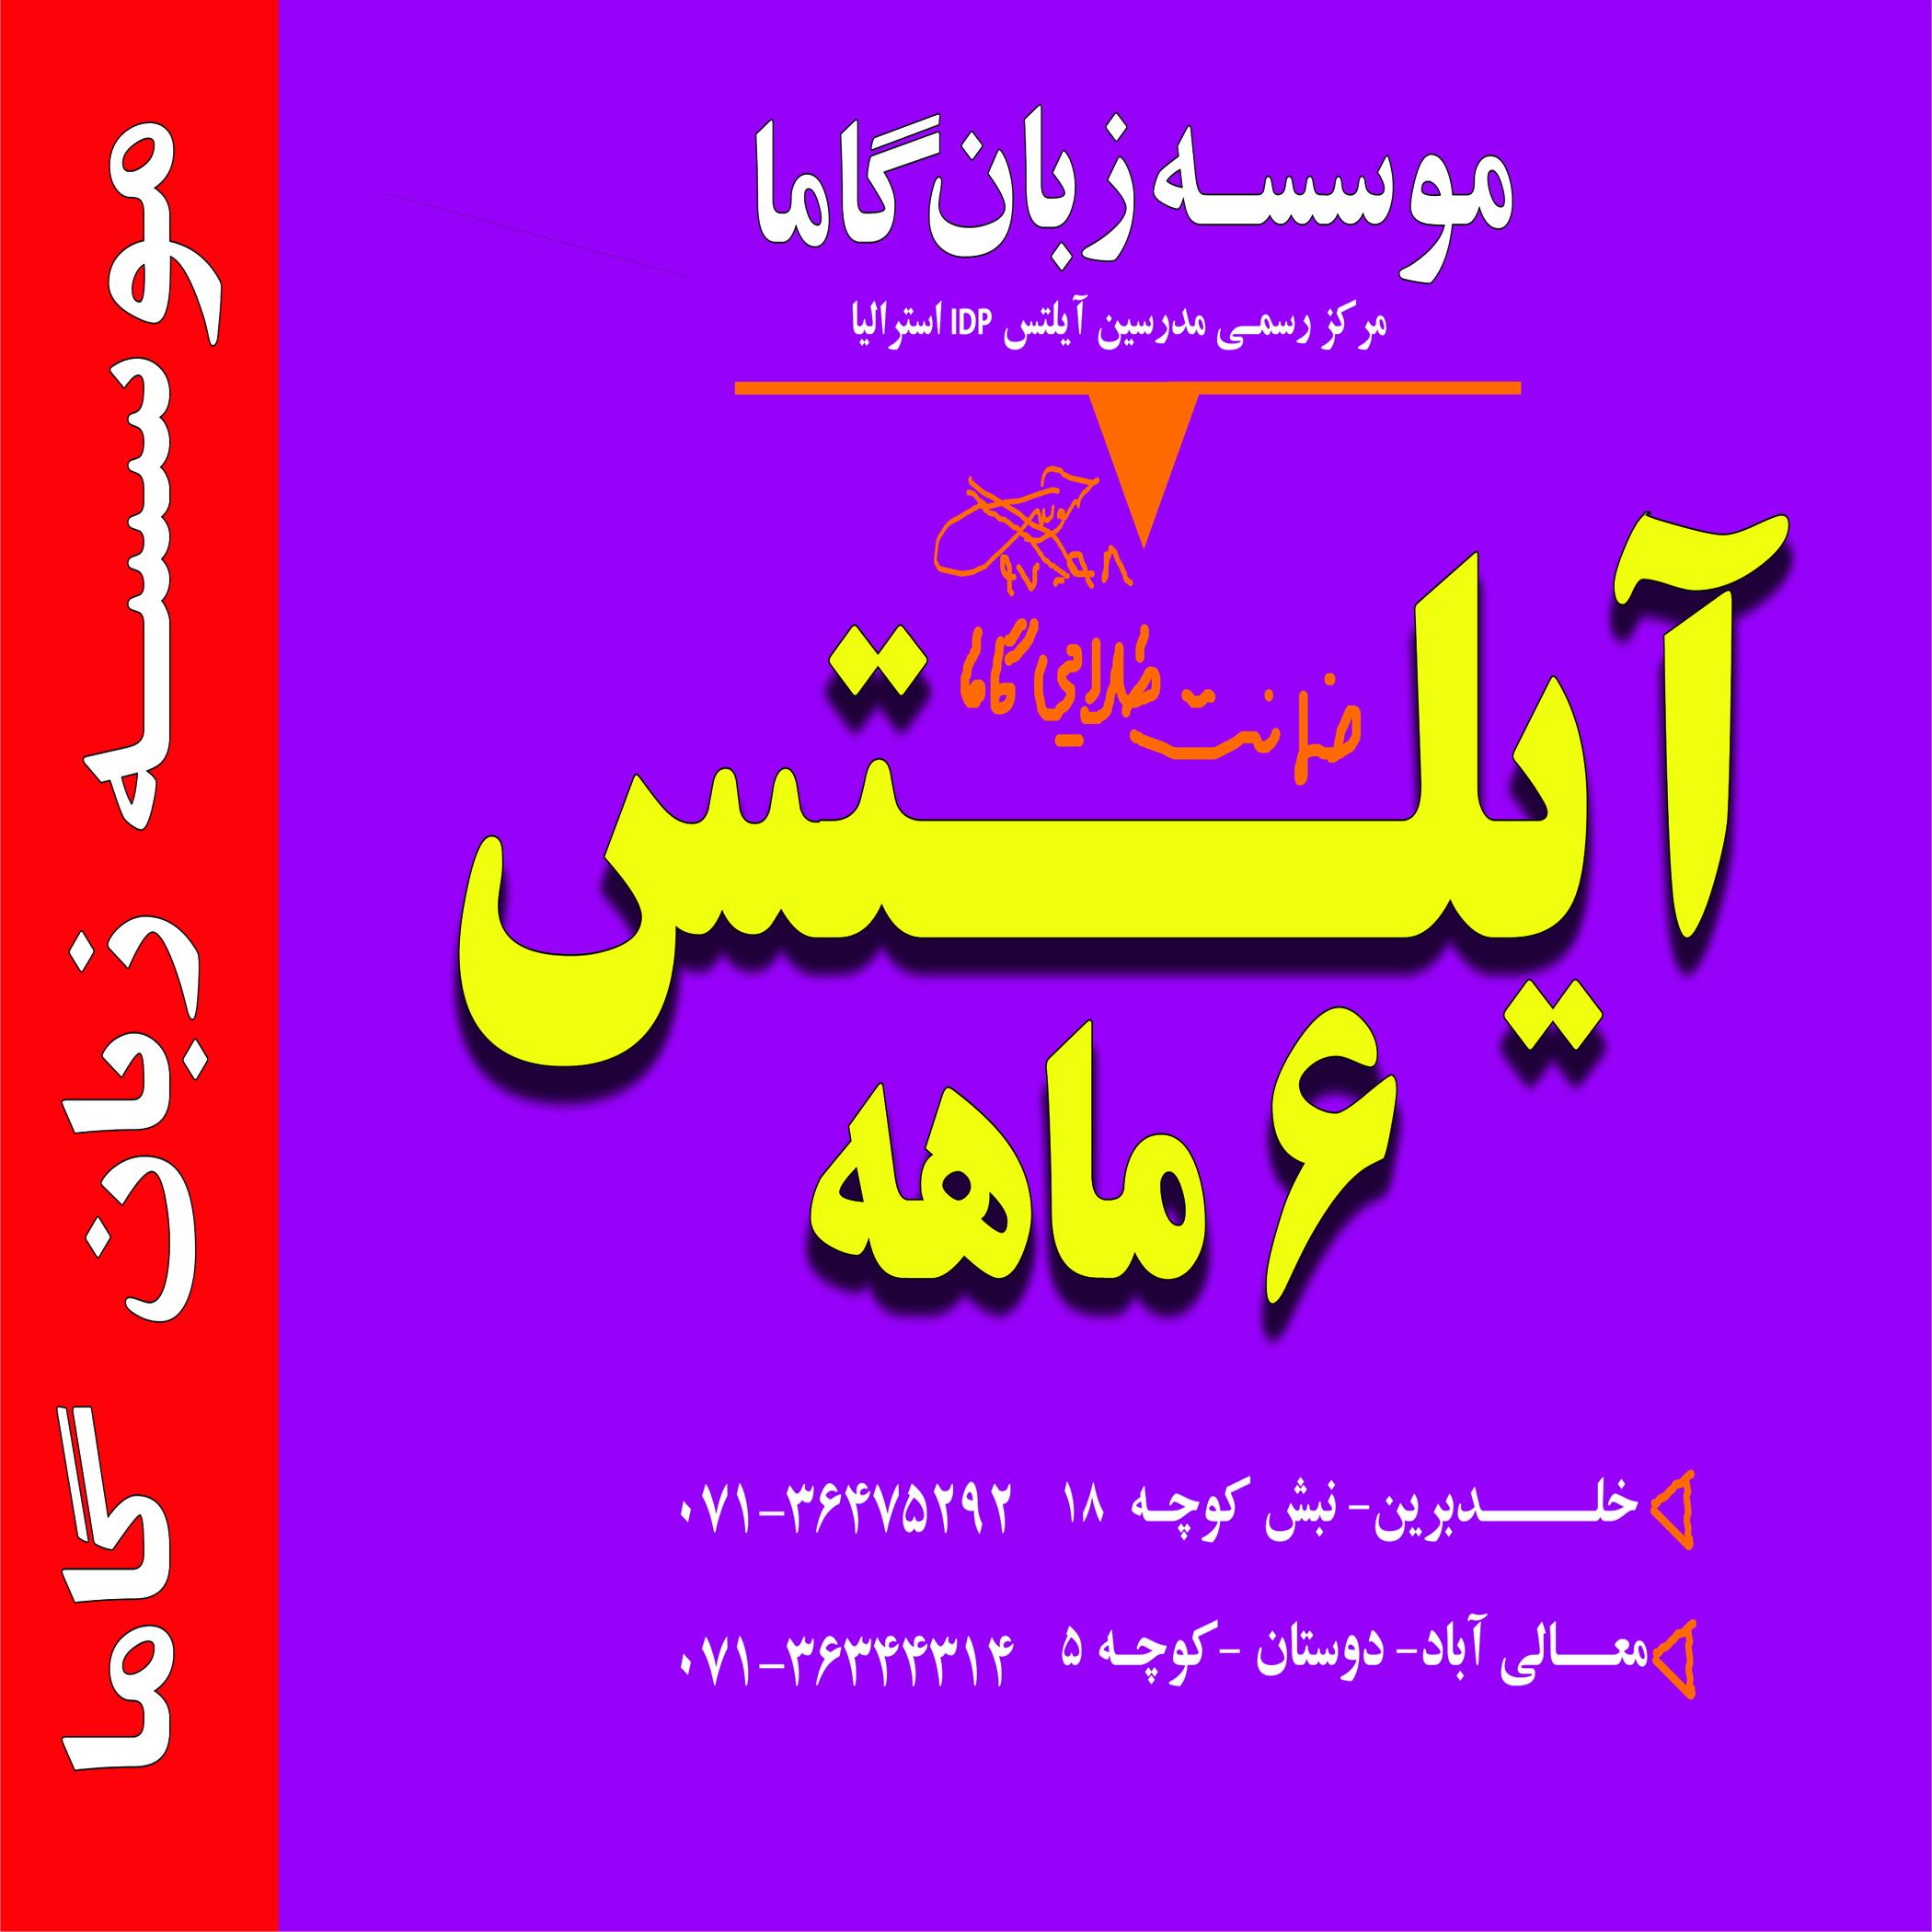 کلاس تضمینی آیلتس در شیراز